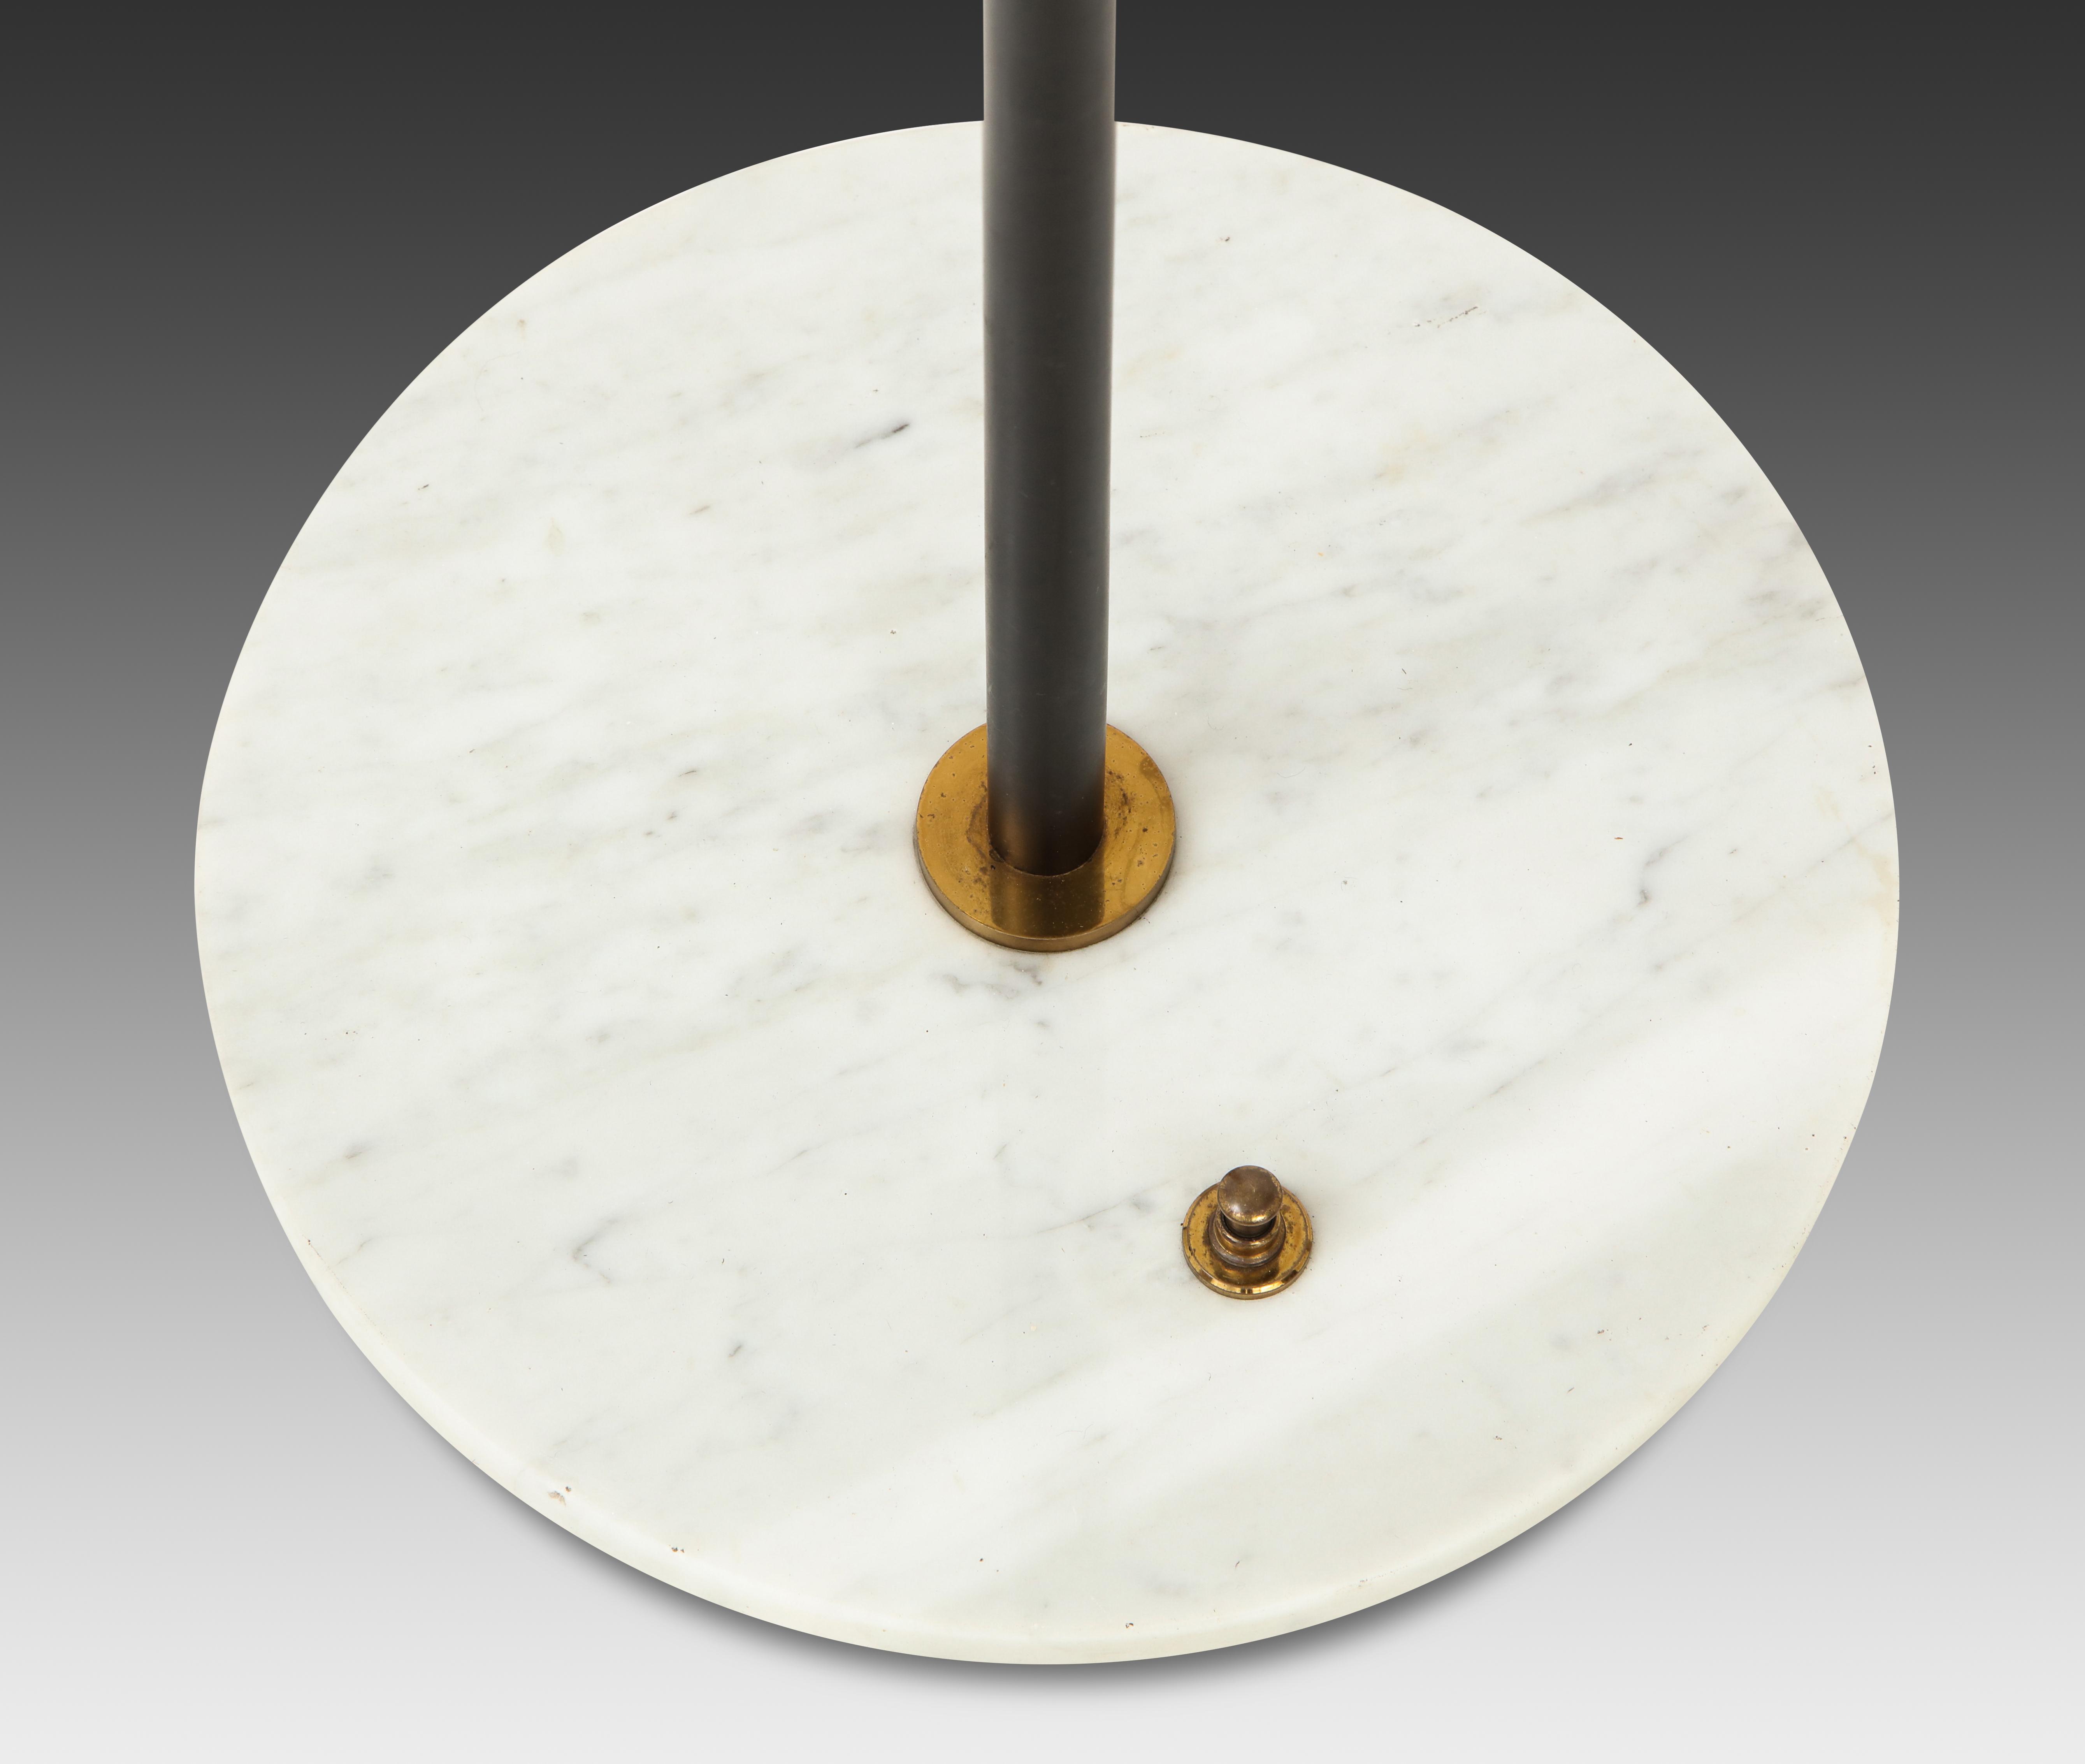 Pair of Floor Lamps by Stilnovo | soyun k.